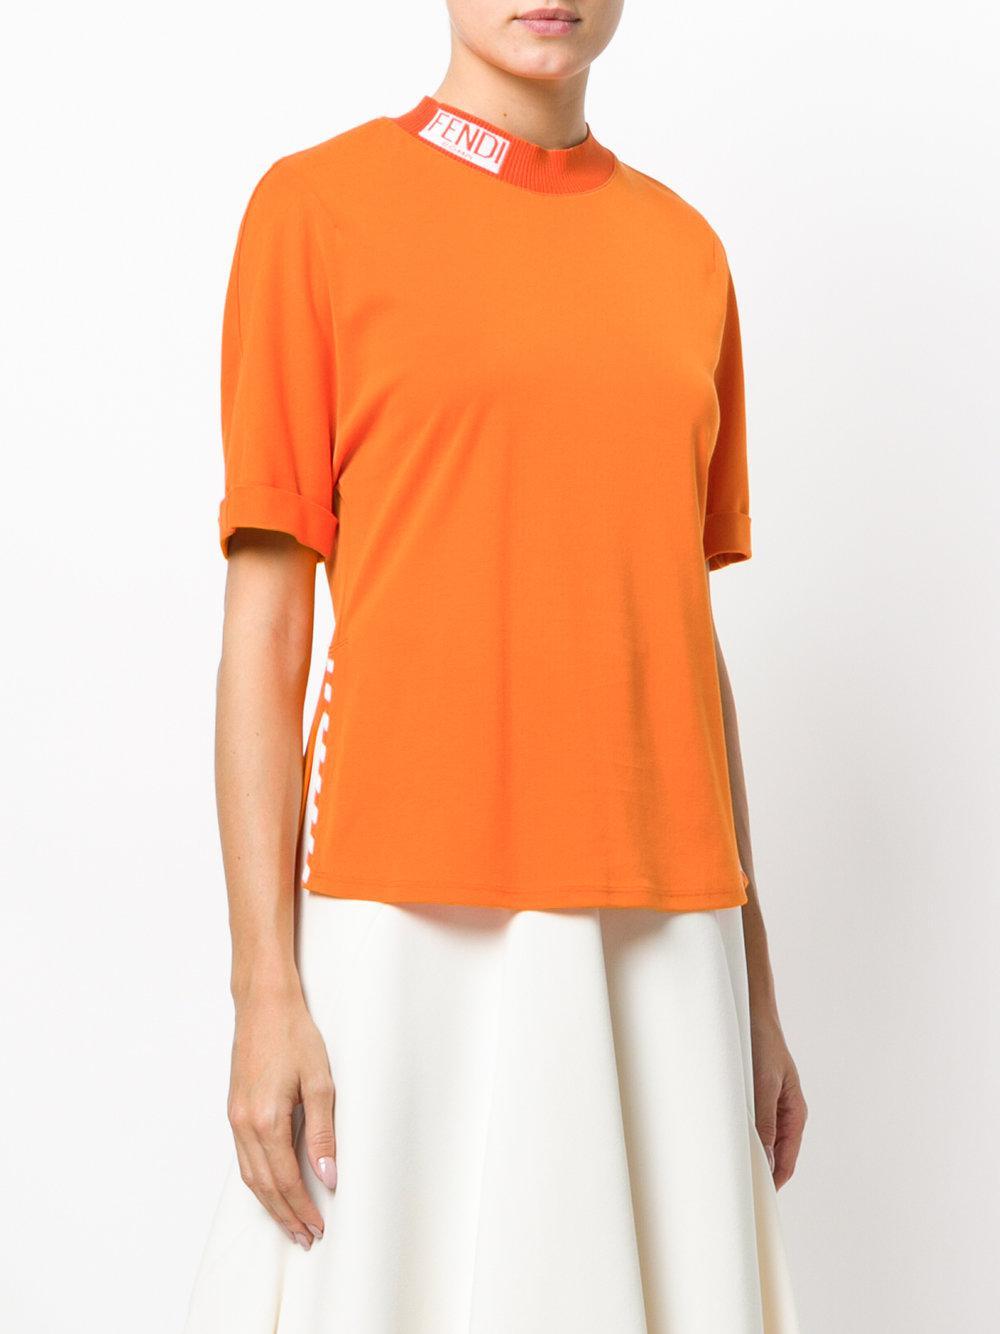 neck logo T-shirt - Yellow & Orange Fendi 2018 Cheap Online Cheap Sale Outlet Store Cheap Sale 2018 YKcyc